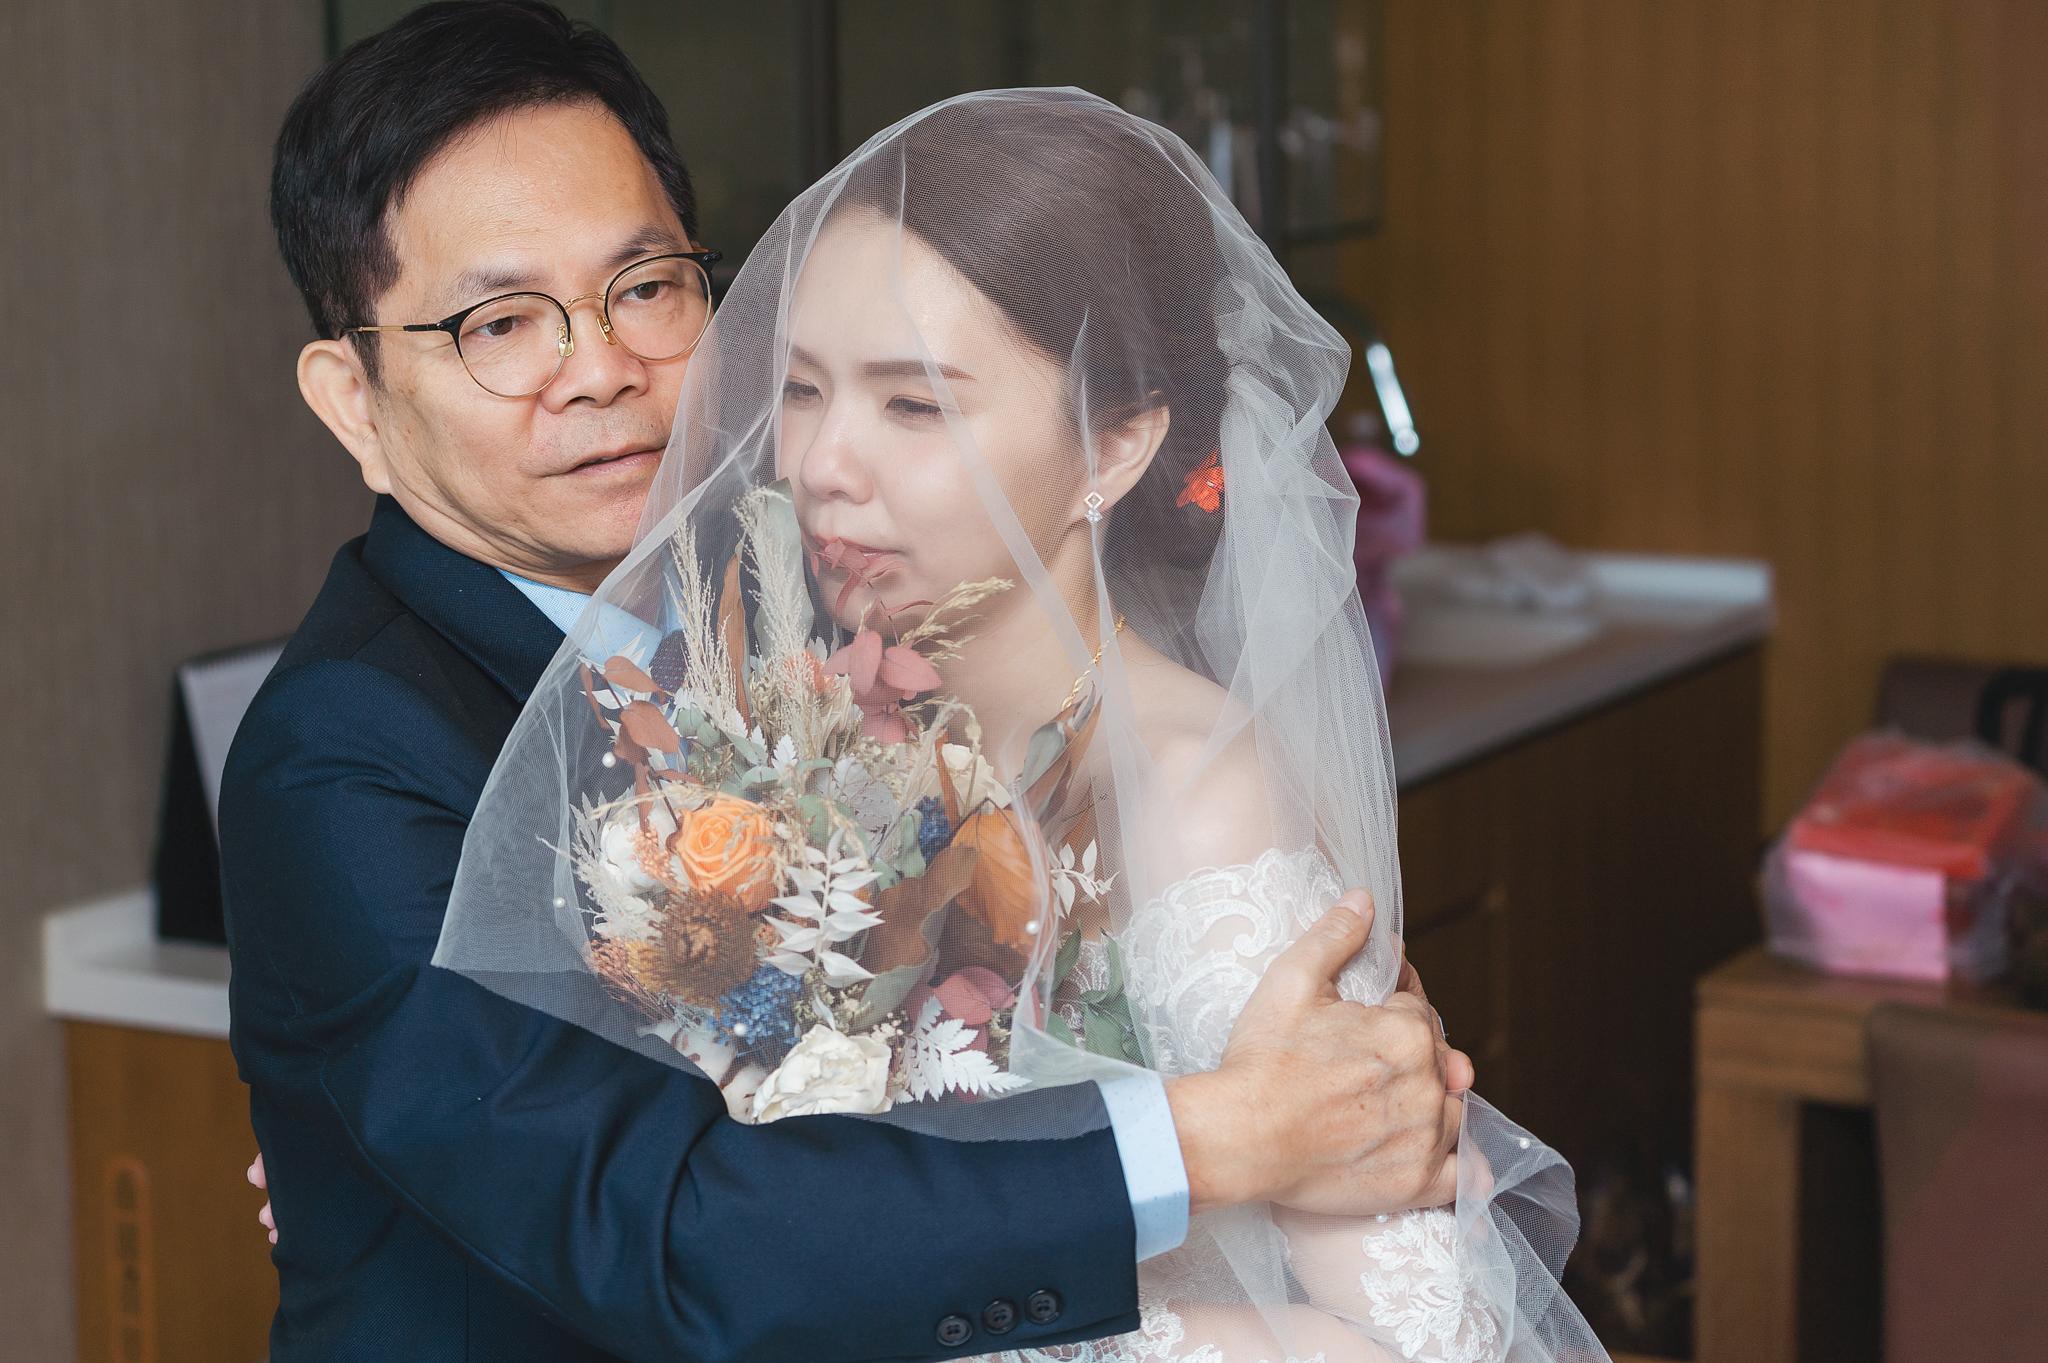 [婚禮紀錄-柚子先生]2021.01.10